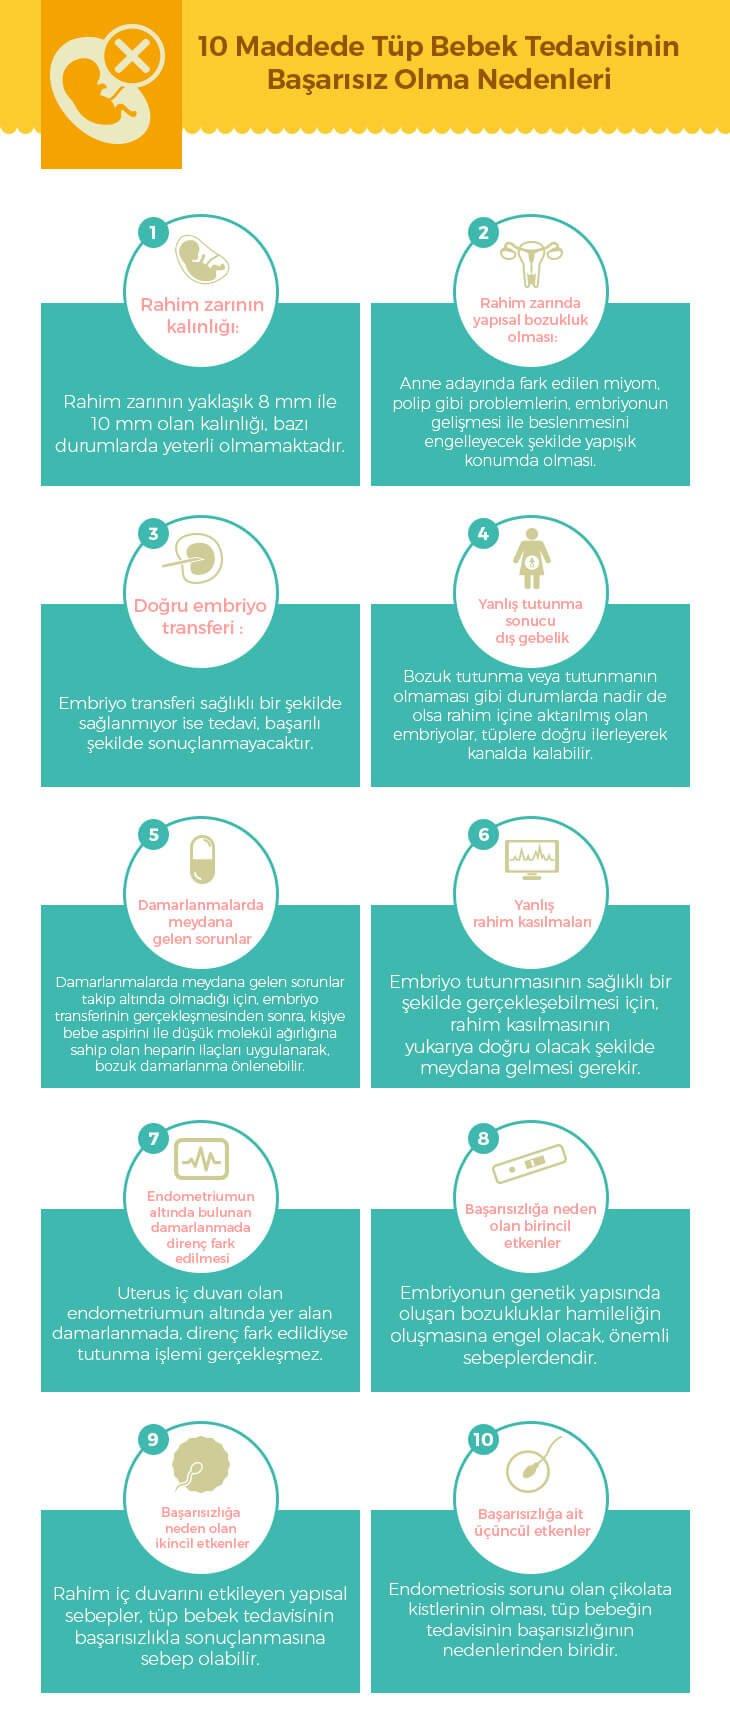 10 Maddede Tüp Bebek Tedavisinin Tutmama Nedenleri